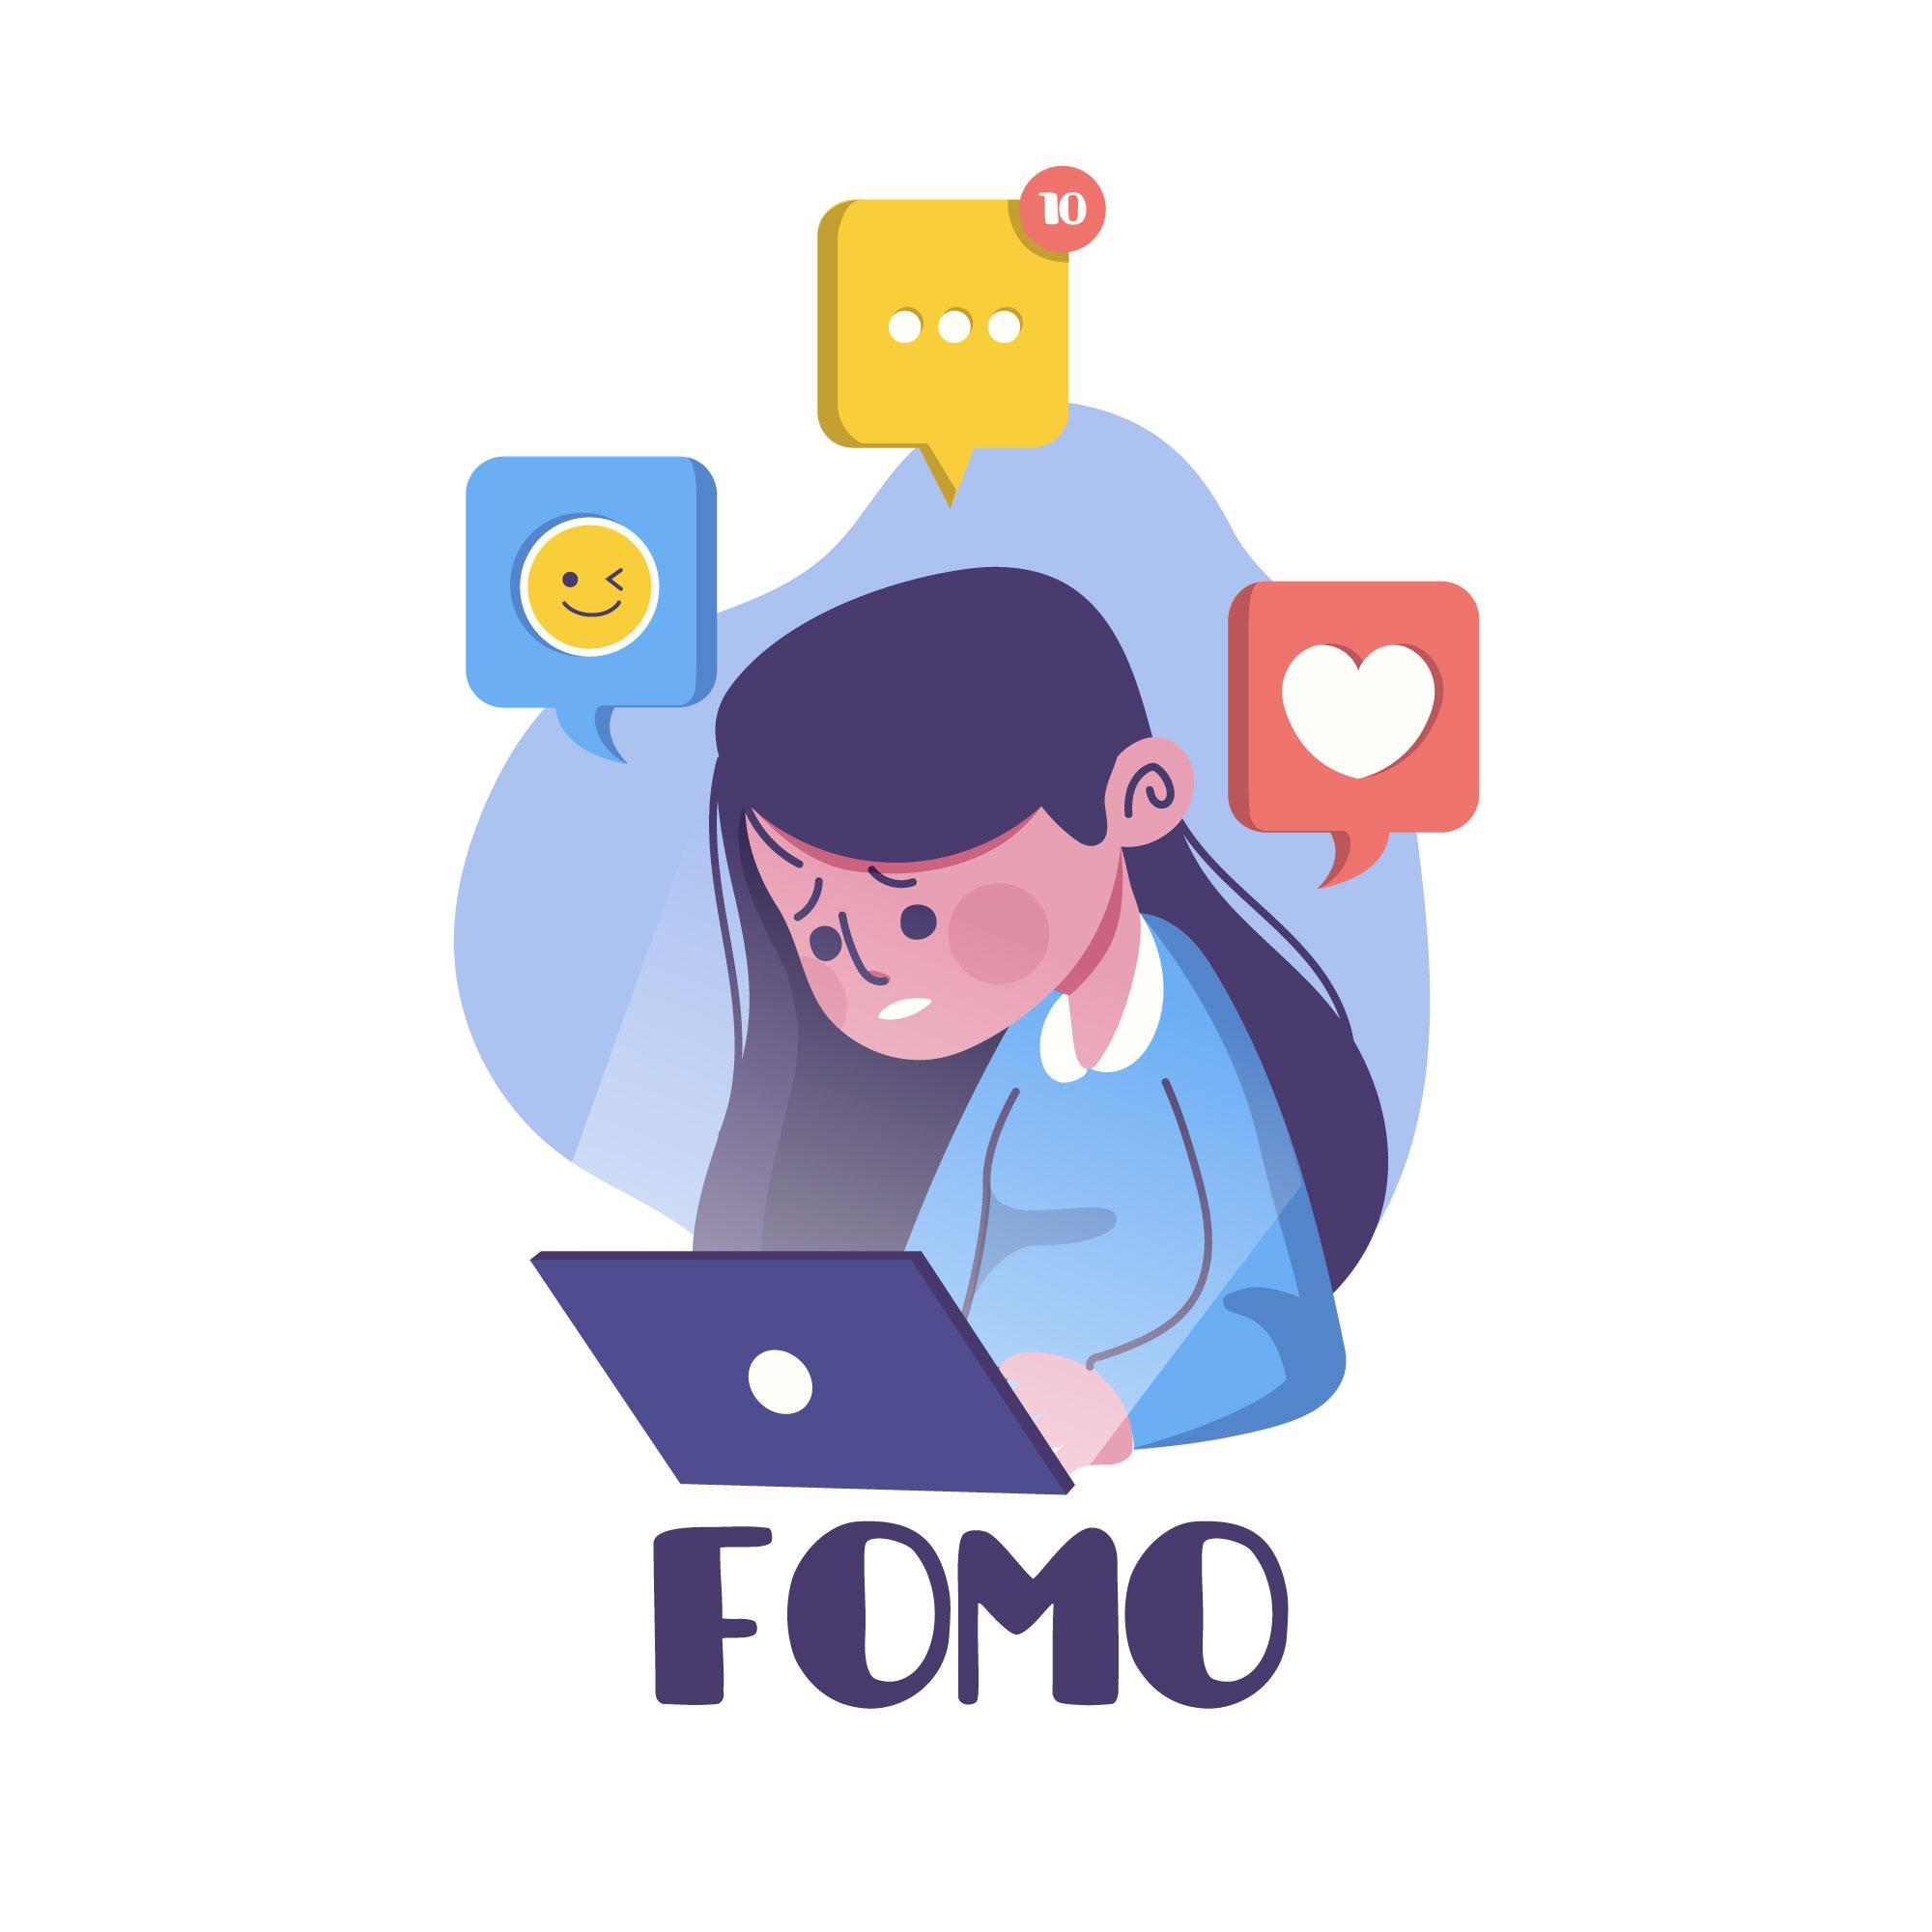 Tipurile de personalitate cele mai predispuse la FOMO (frica de a rata oportunitatea)